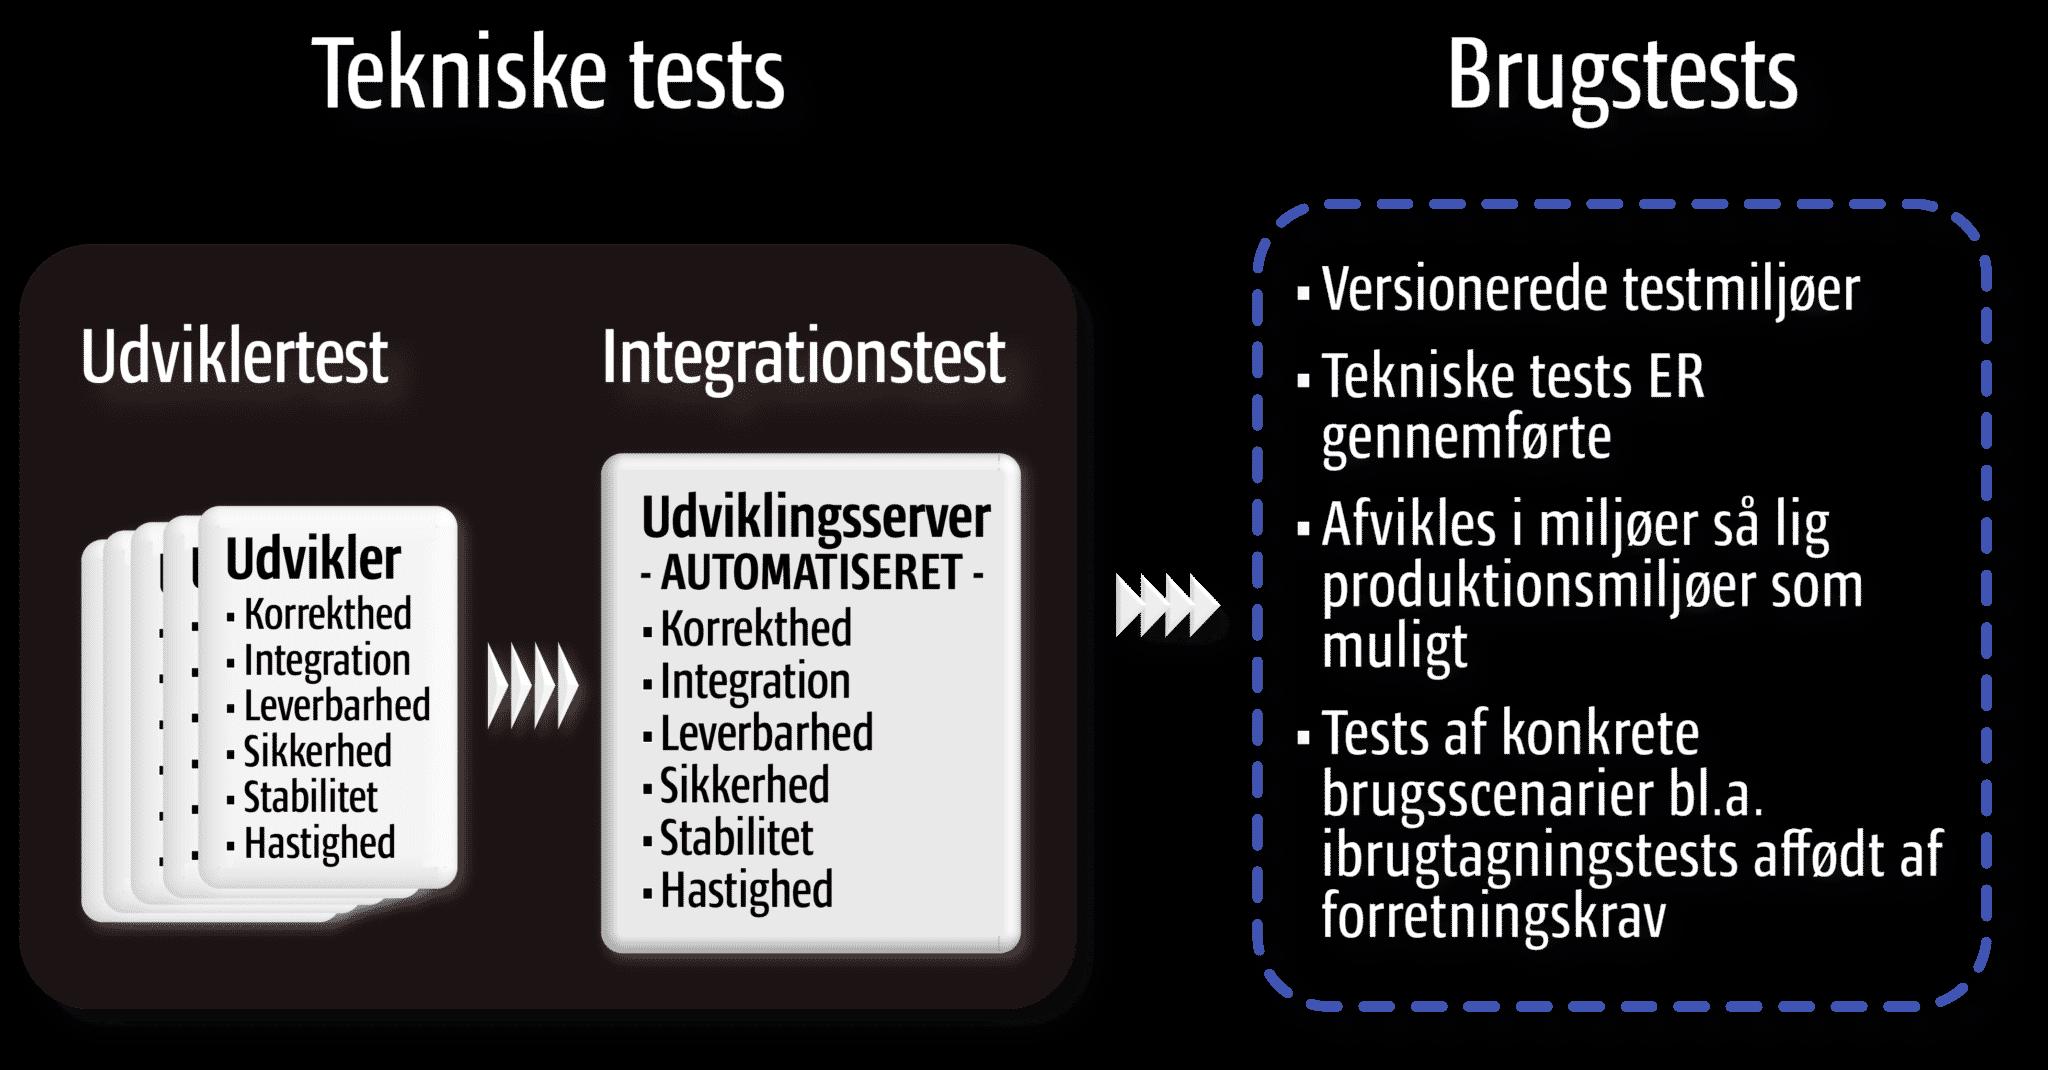 Kvalitetssikring: Tekniske tests